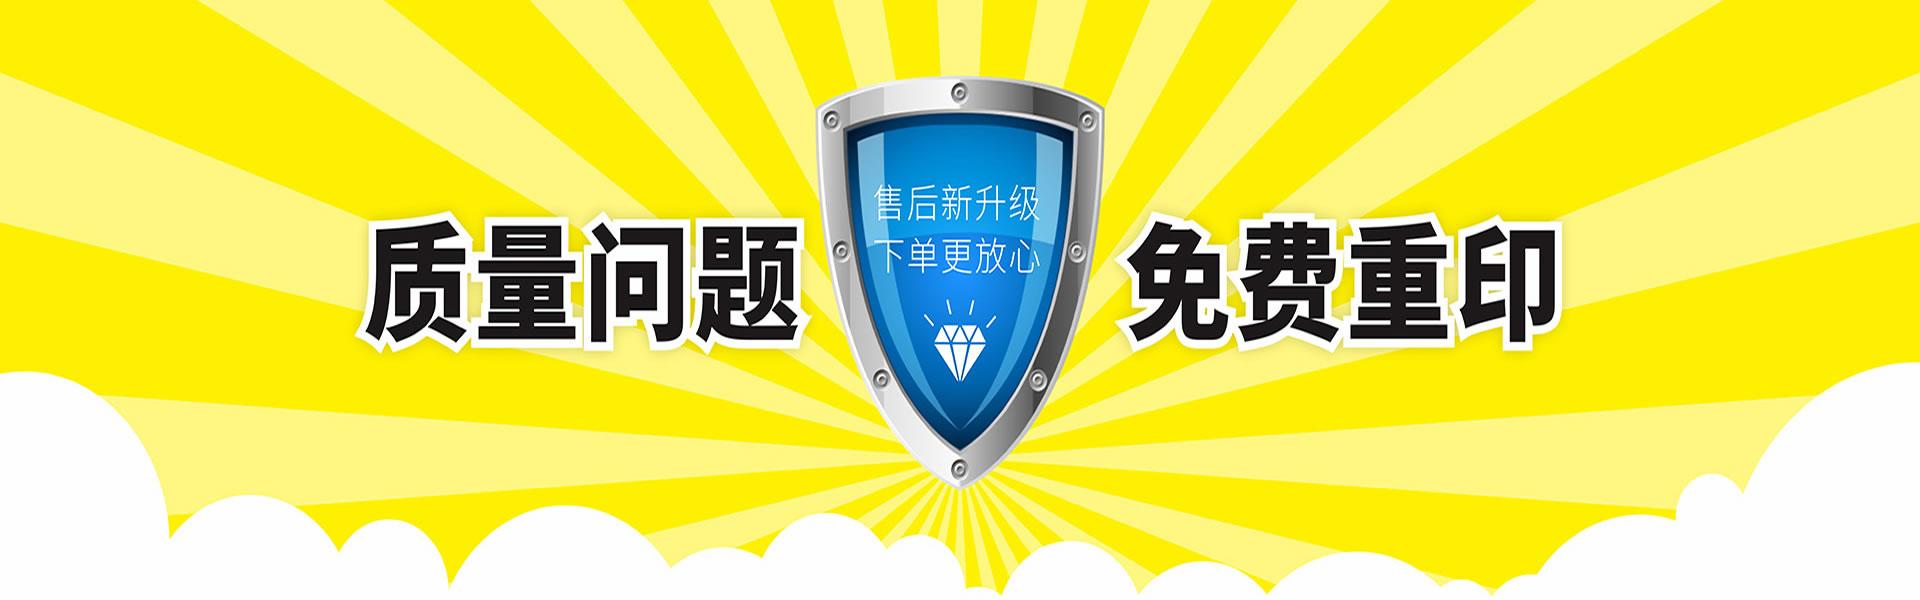 北京快乐8网站-首页_WelcomeQSsi_不干胶标签生产厂家